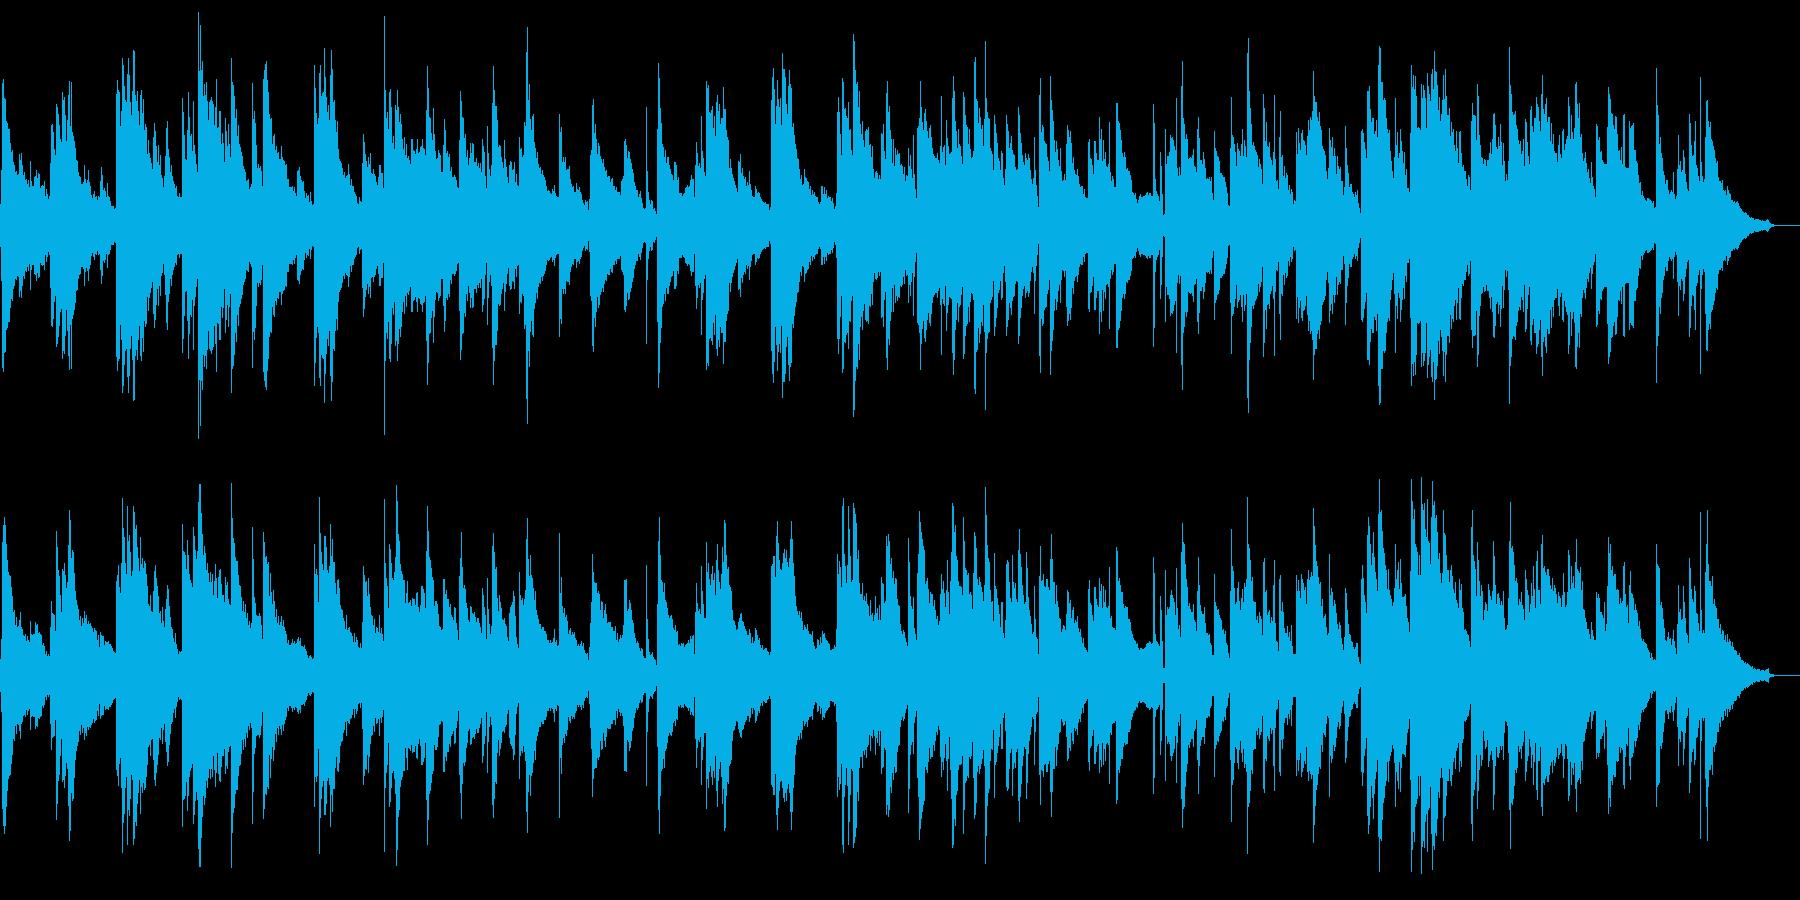 スローなジャズテイストのBGMの再生済みの波形